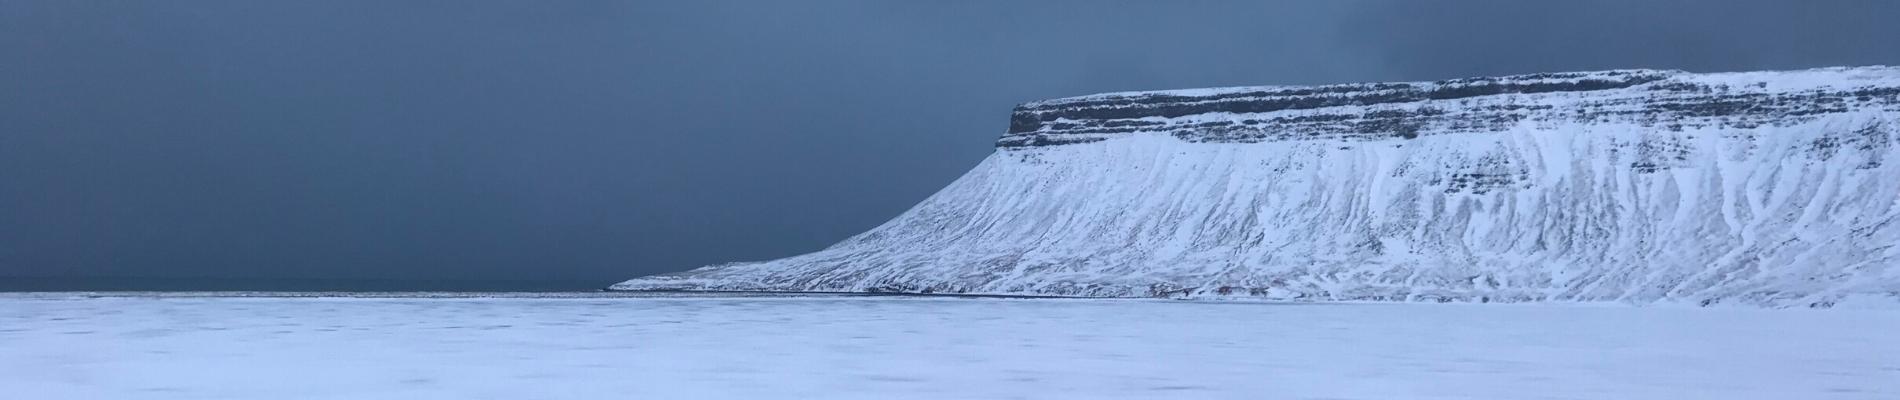 Voyage en Islande _ montagne dans l'océan